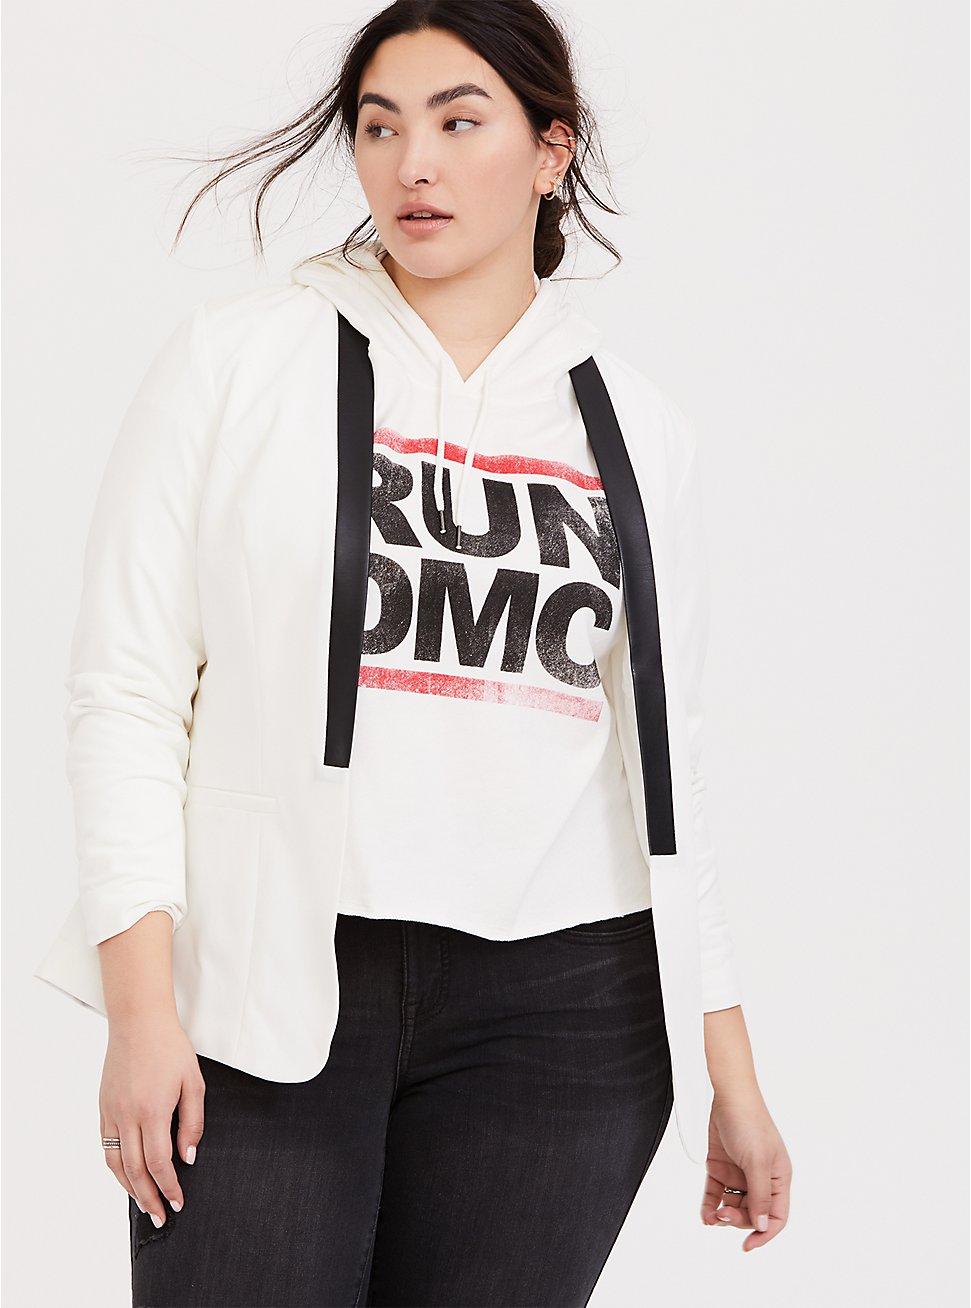 White Faux Leather Trimmed Tuxedo Blazer, CLOUD DANCER, hi-res